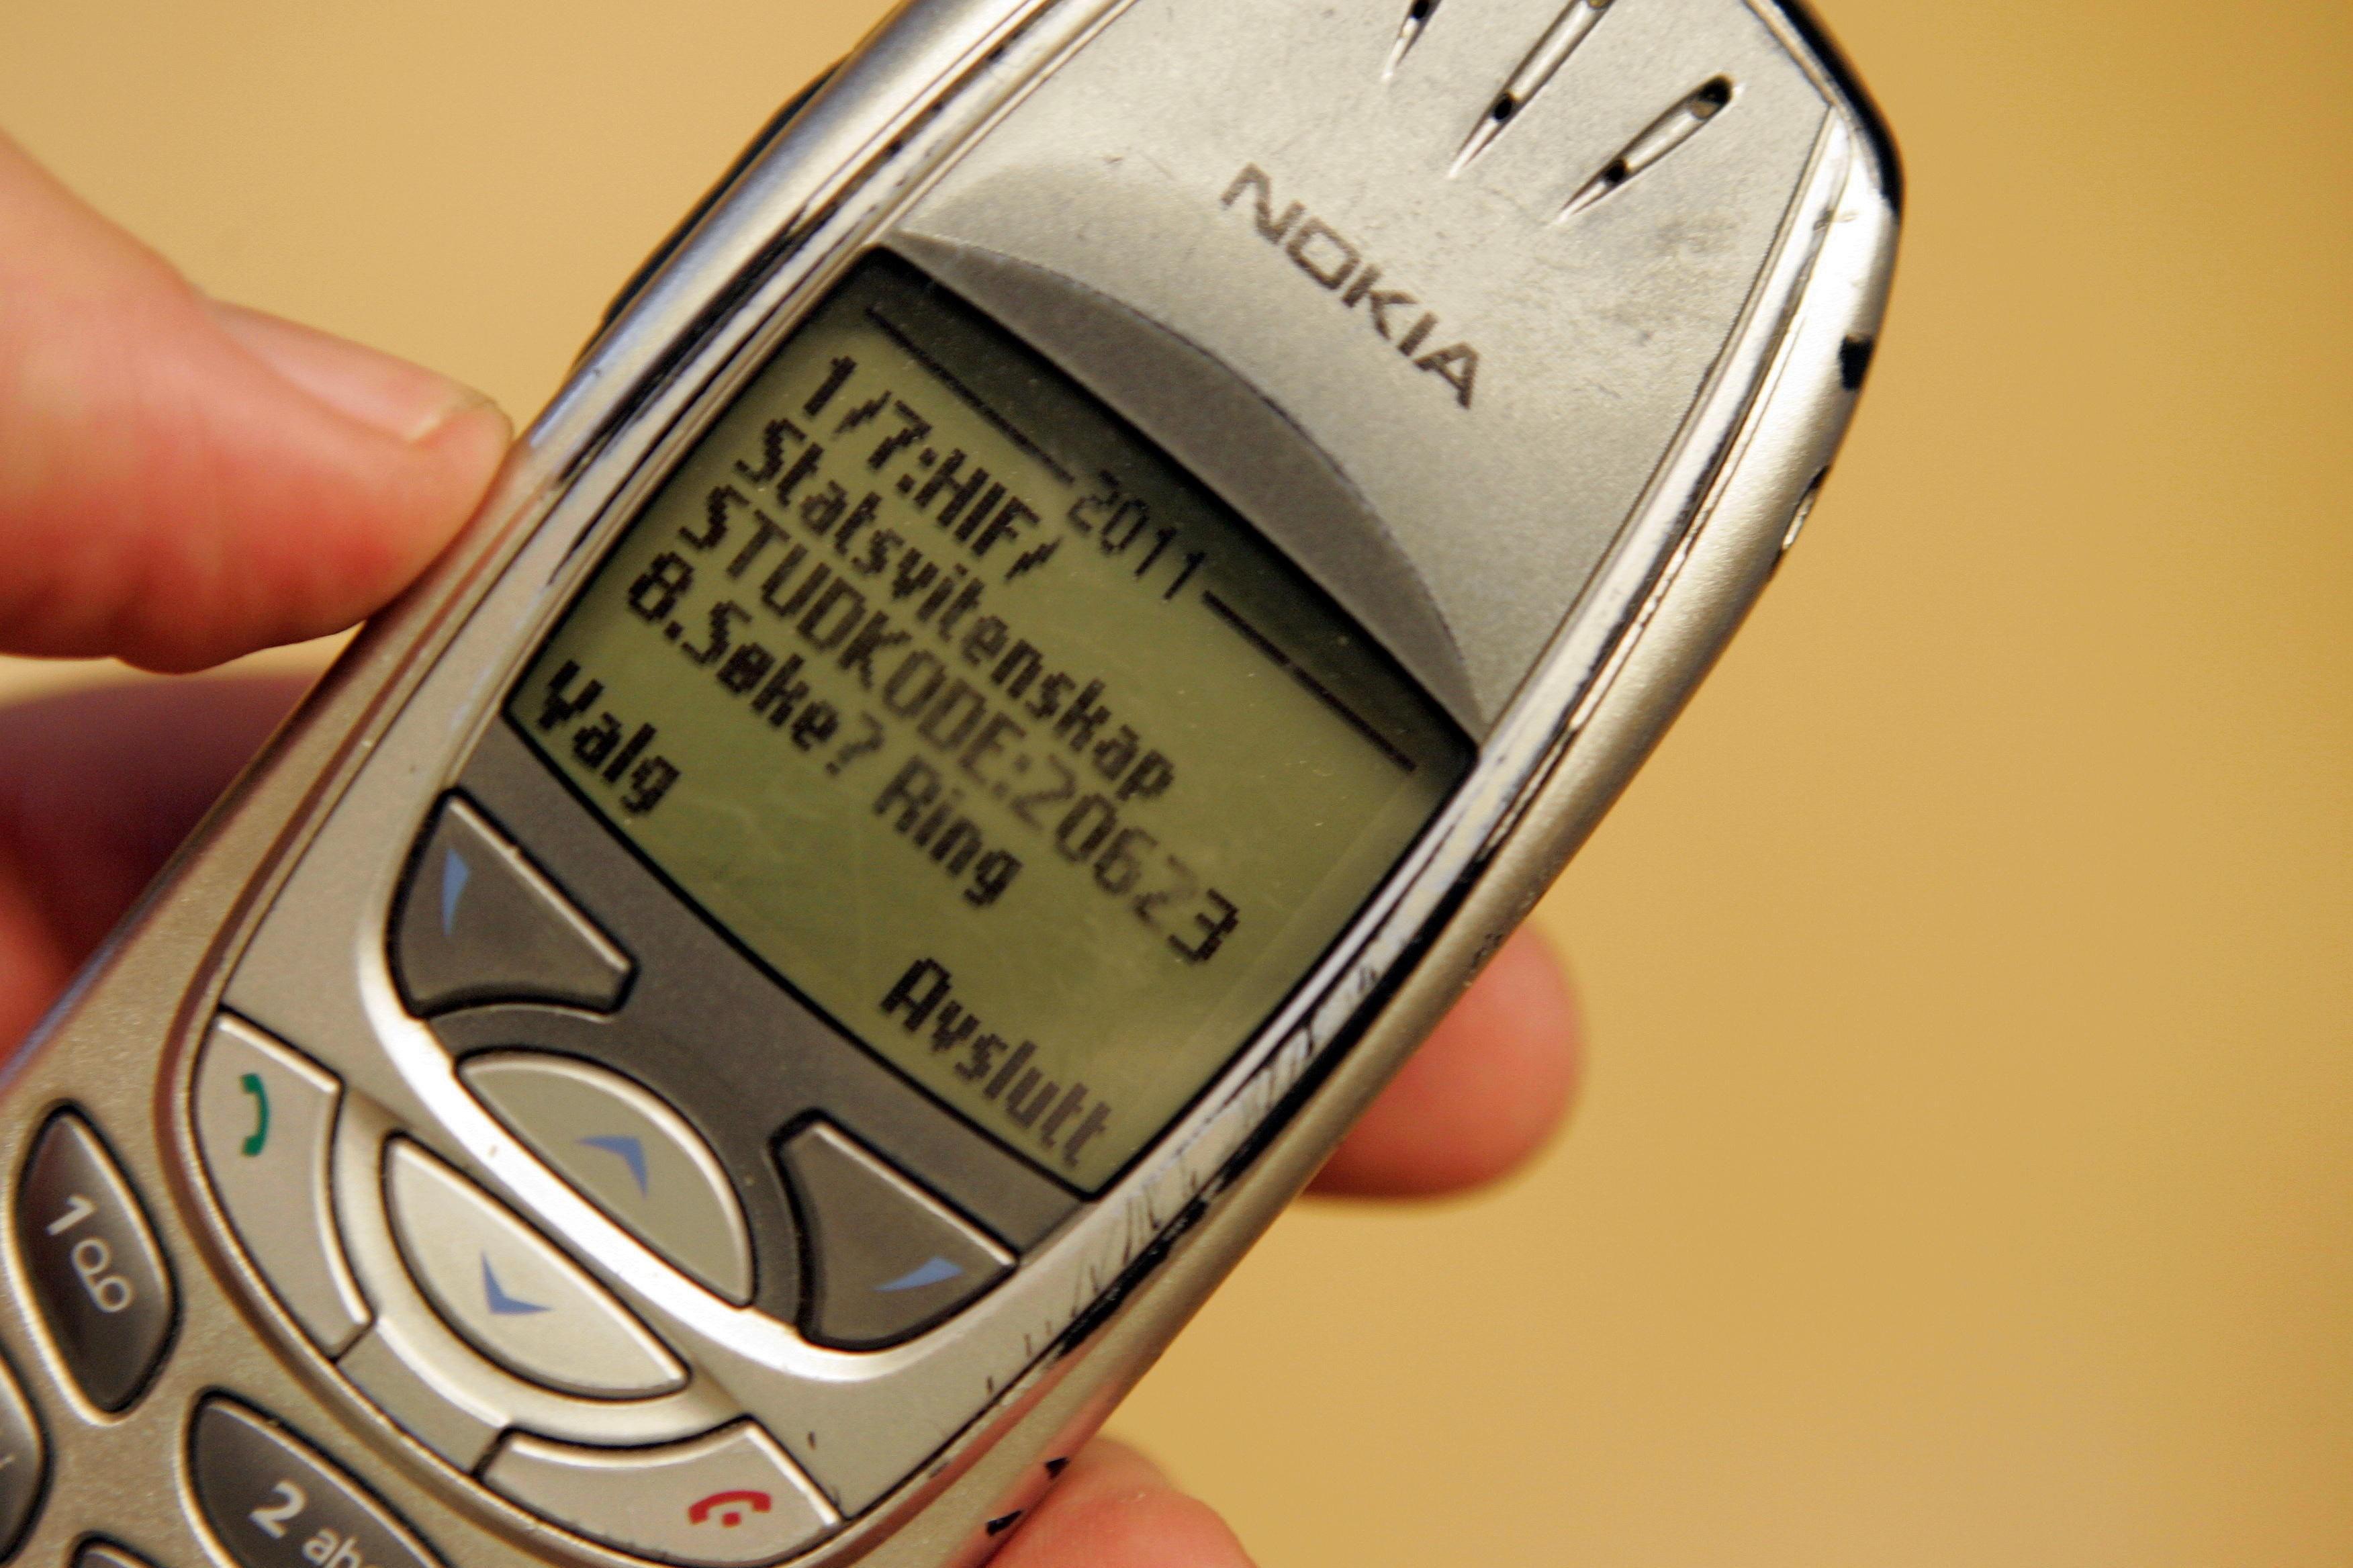 Eksempel på en tekstmelding i form av SMS i 2004.